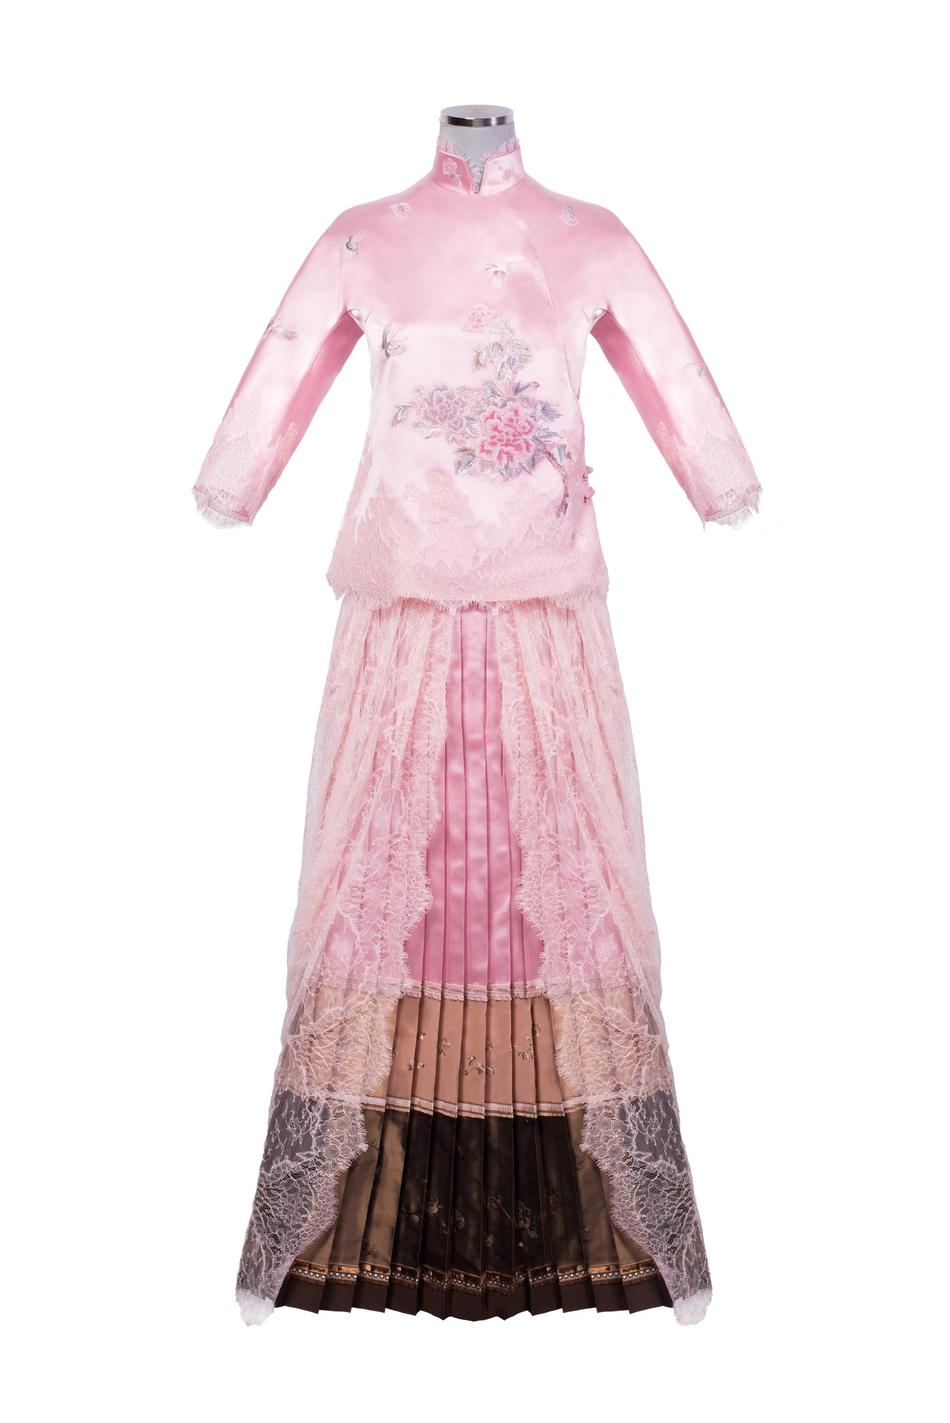 蝴蝶元素服装设计图